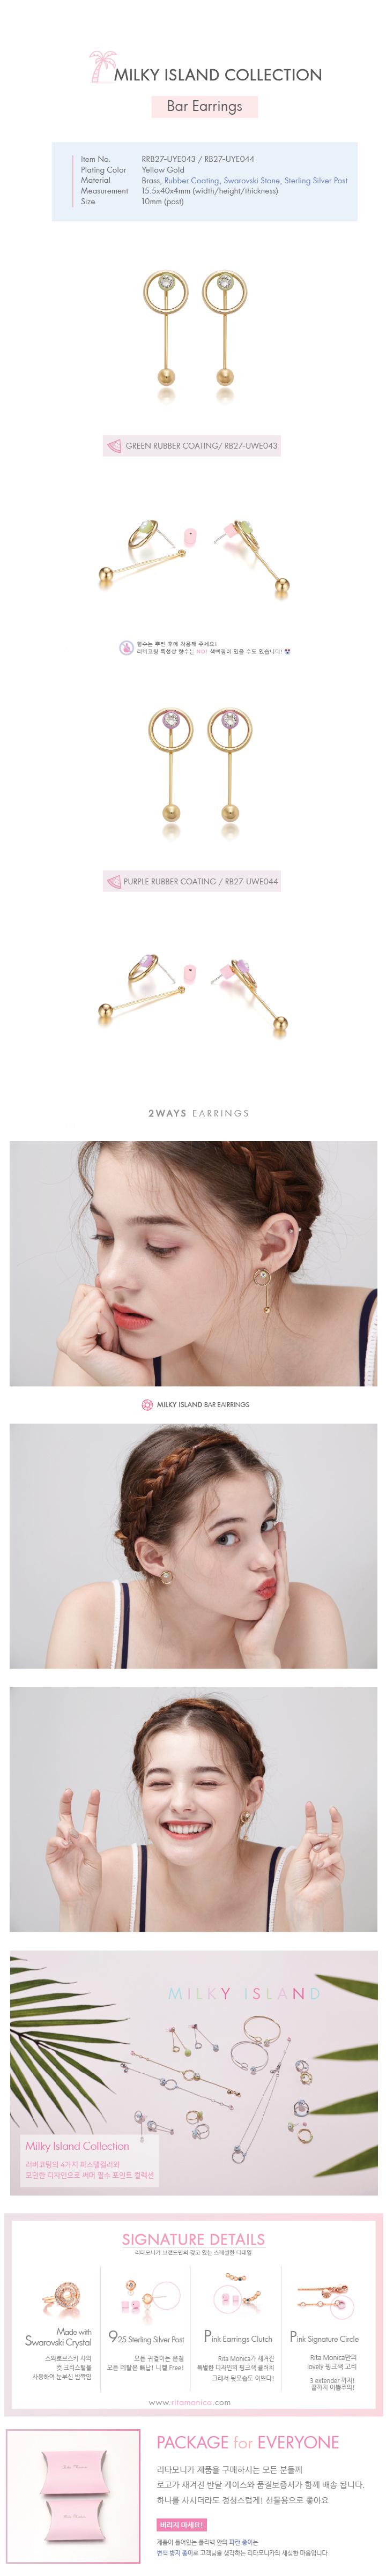 리타모니카(RITA MONICA) 밀키아일랜드 바 귀걸이